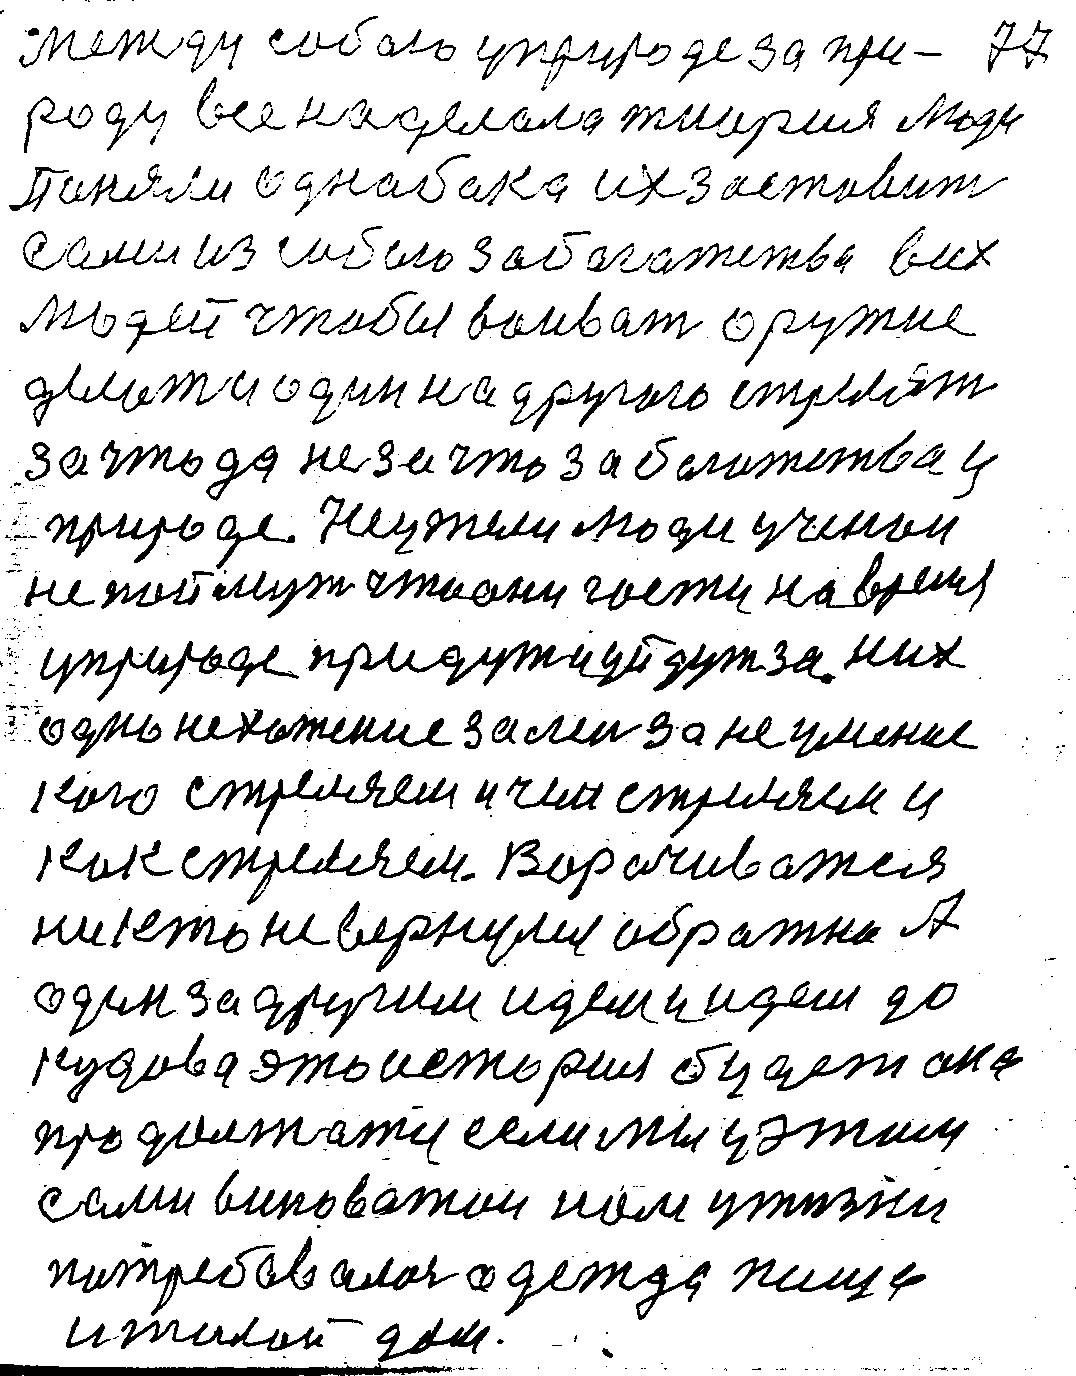 Str077.jpg